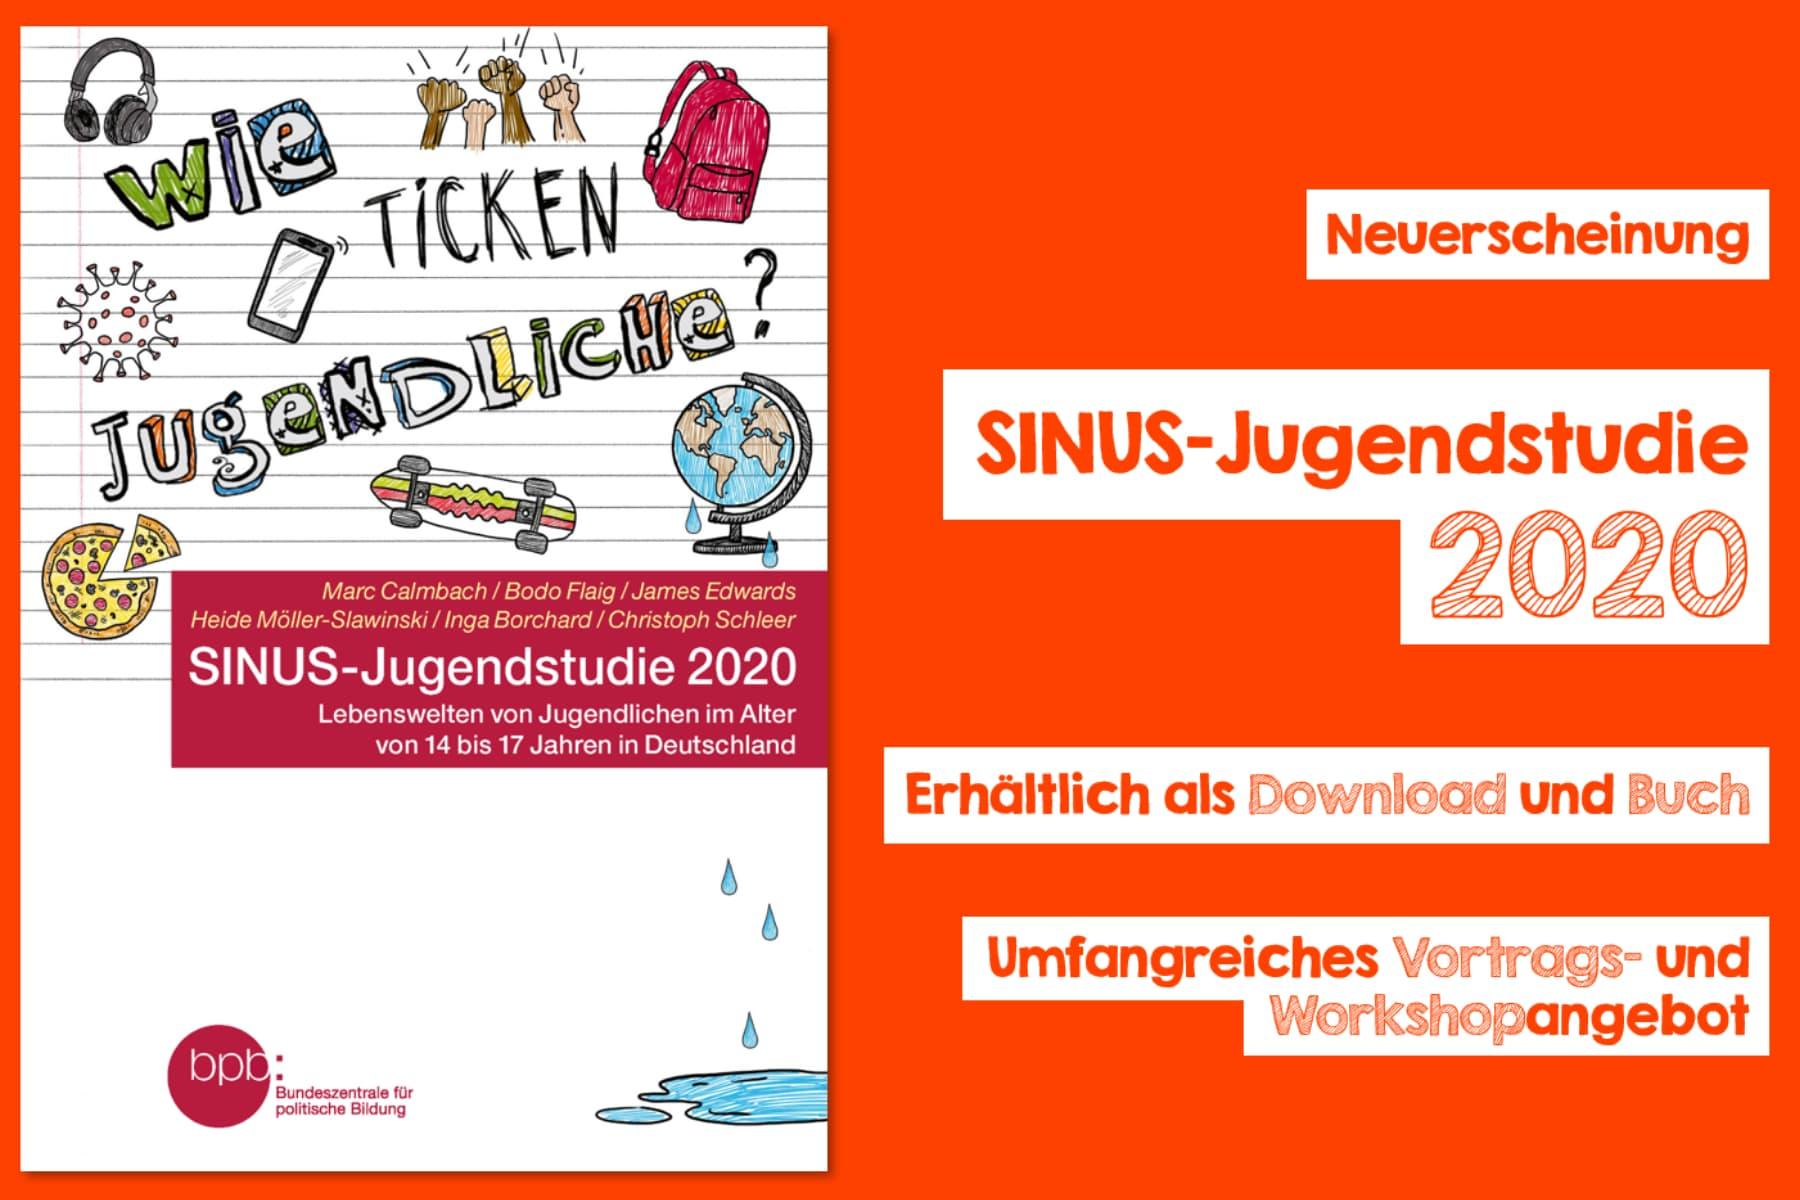 SINUS-Jugendstudie 2020: Wie ticken Jugendliche?